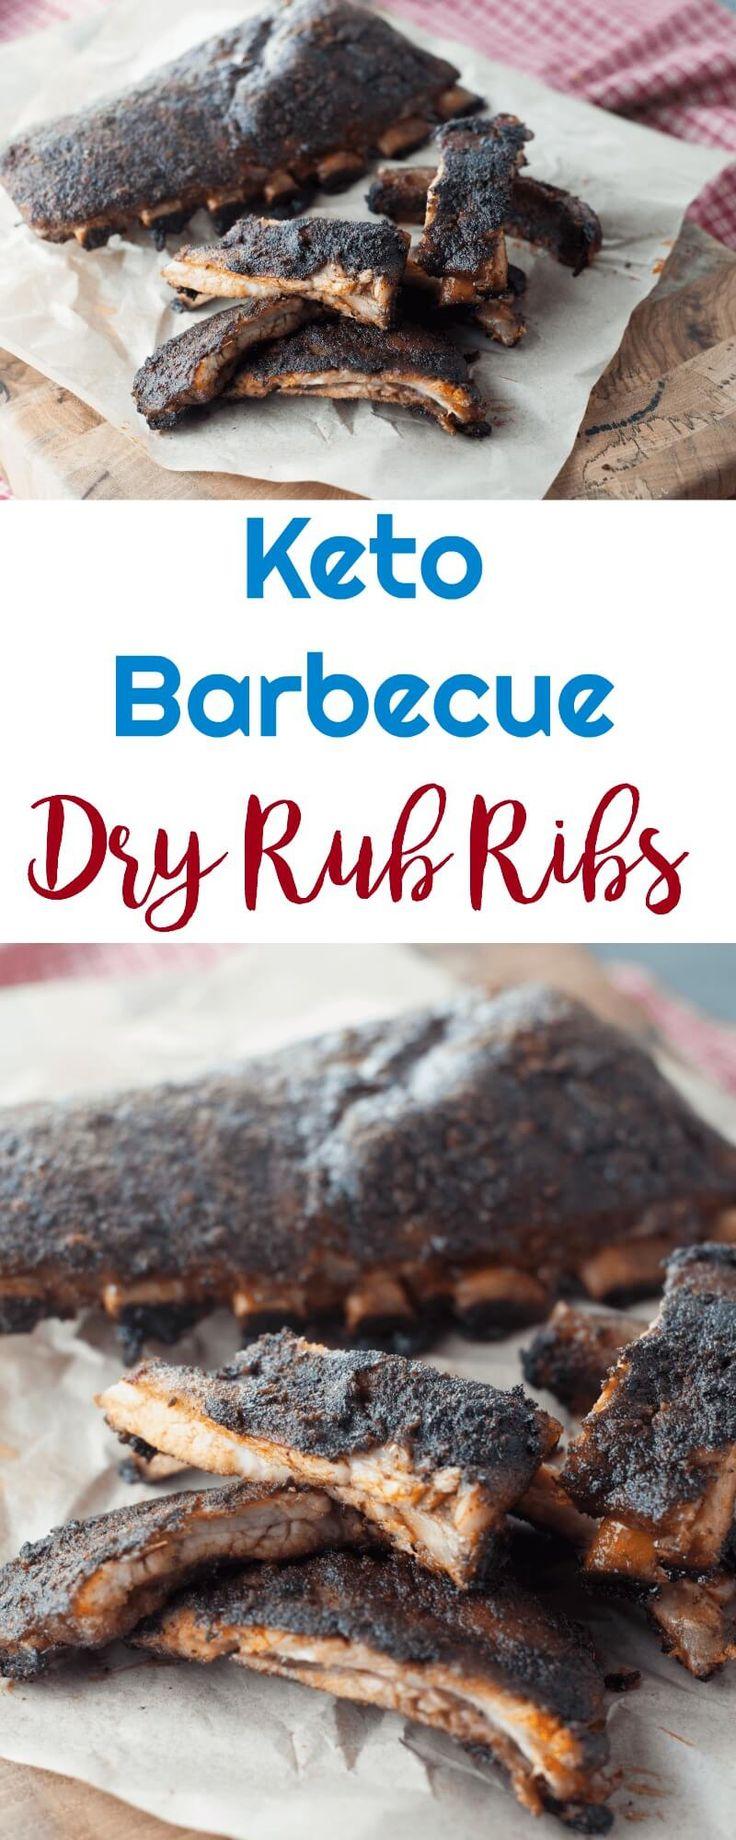 Keto Barbecue Dry Rub Ribs